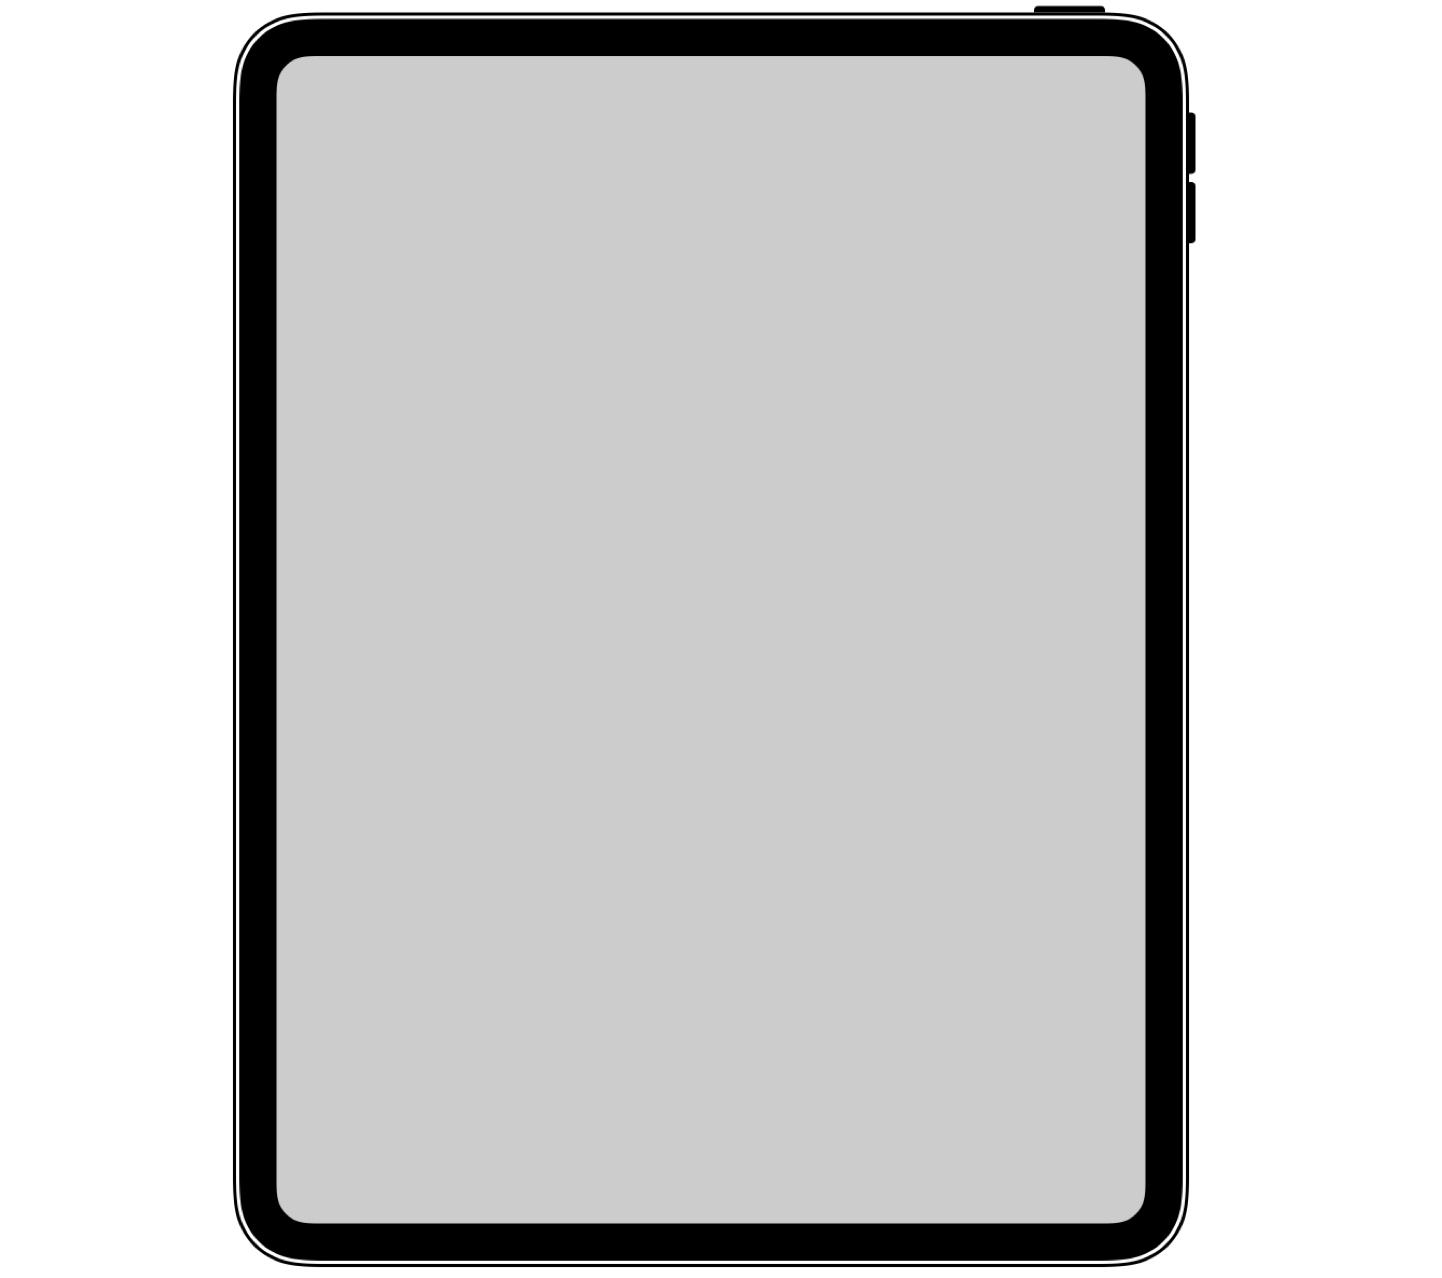 Un'icona nascosta in iOS mostra il nuovo iPad Pro senza tasto Home